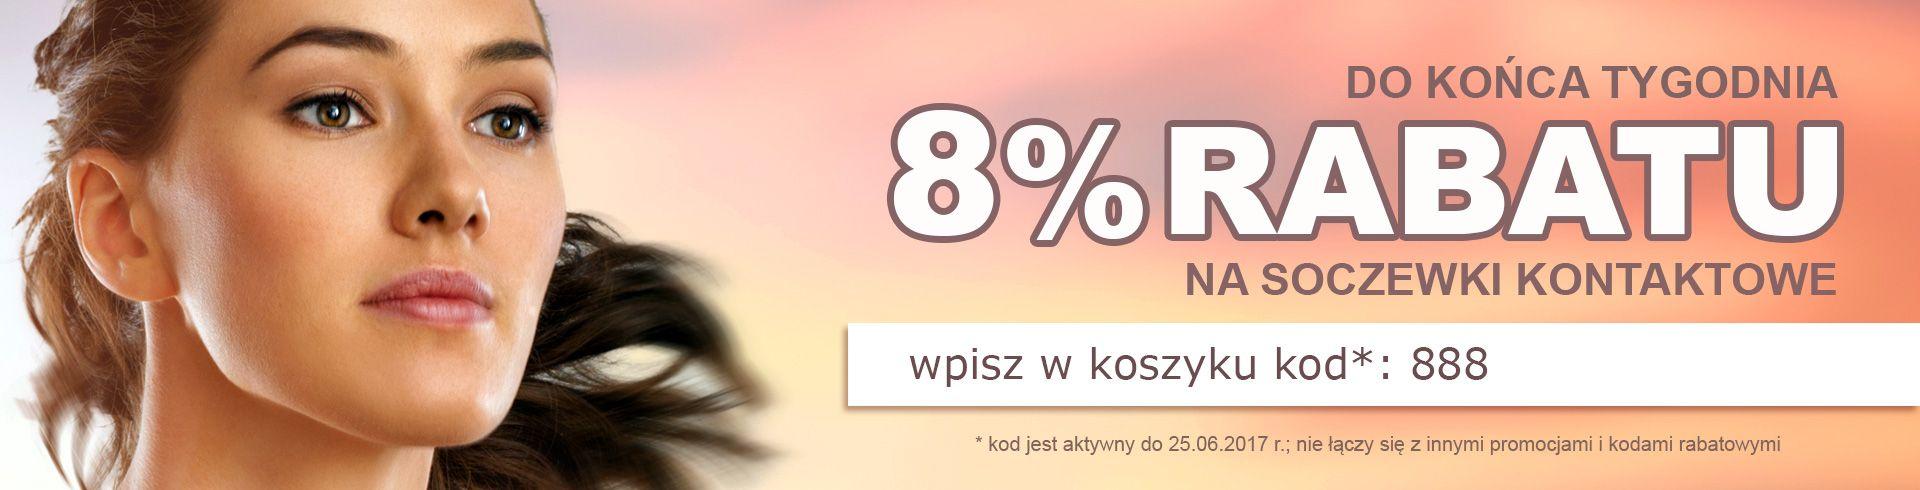 Soczewki24: 8% zniżki na soczewki kontaktowe